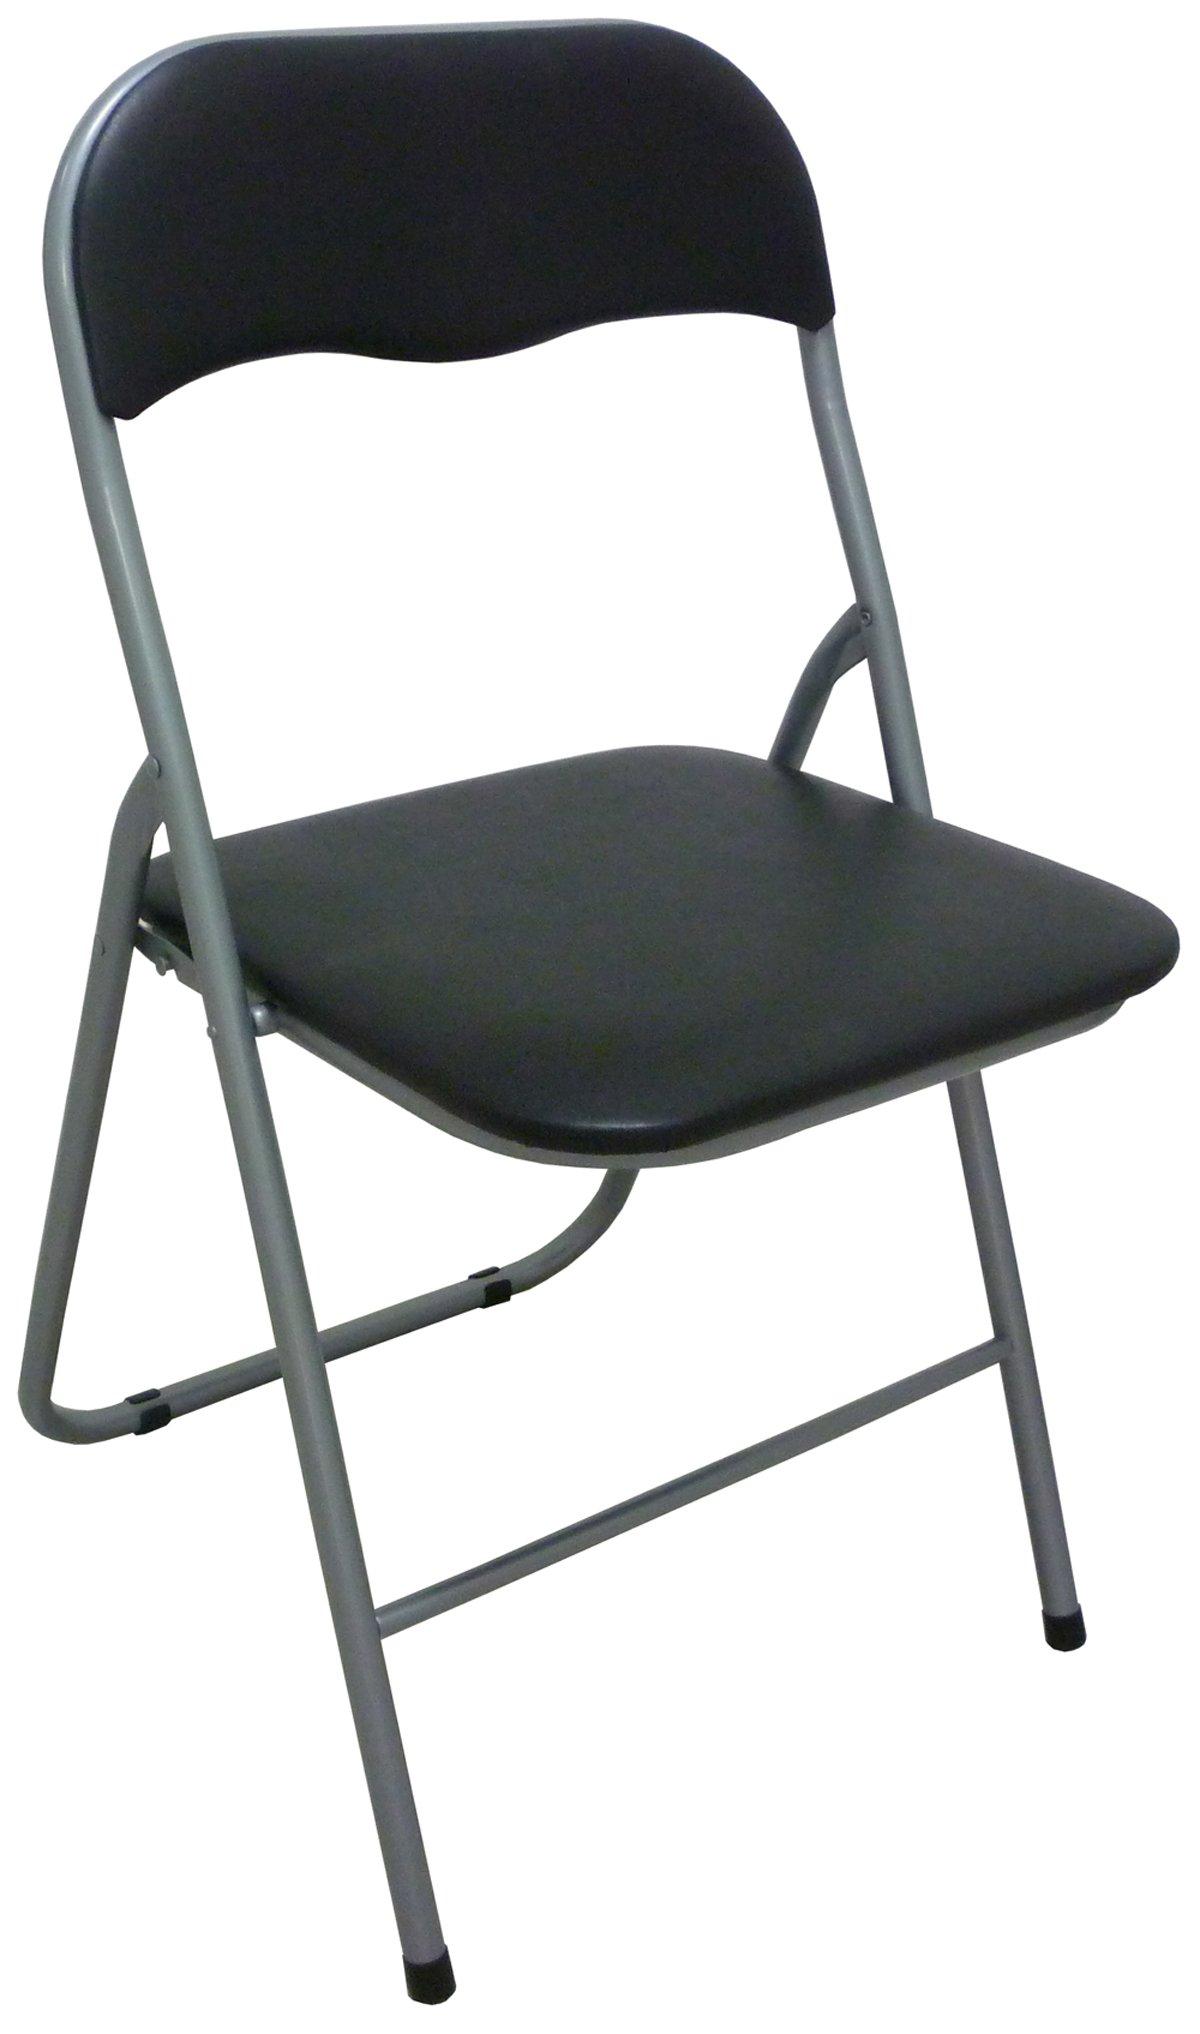 Sedia Poltrona Pieghevole nera in Metallo Imbottita per cucina salotto  campeggio